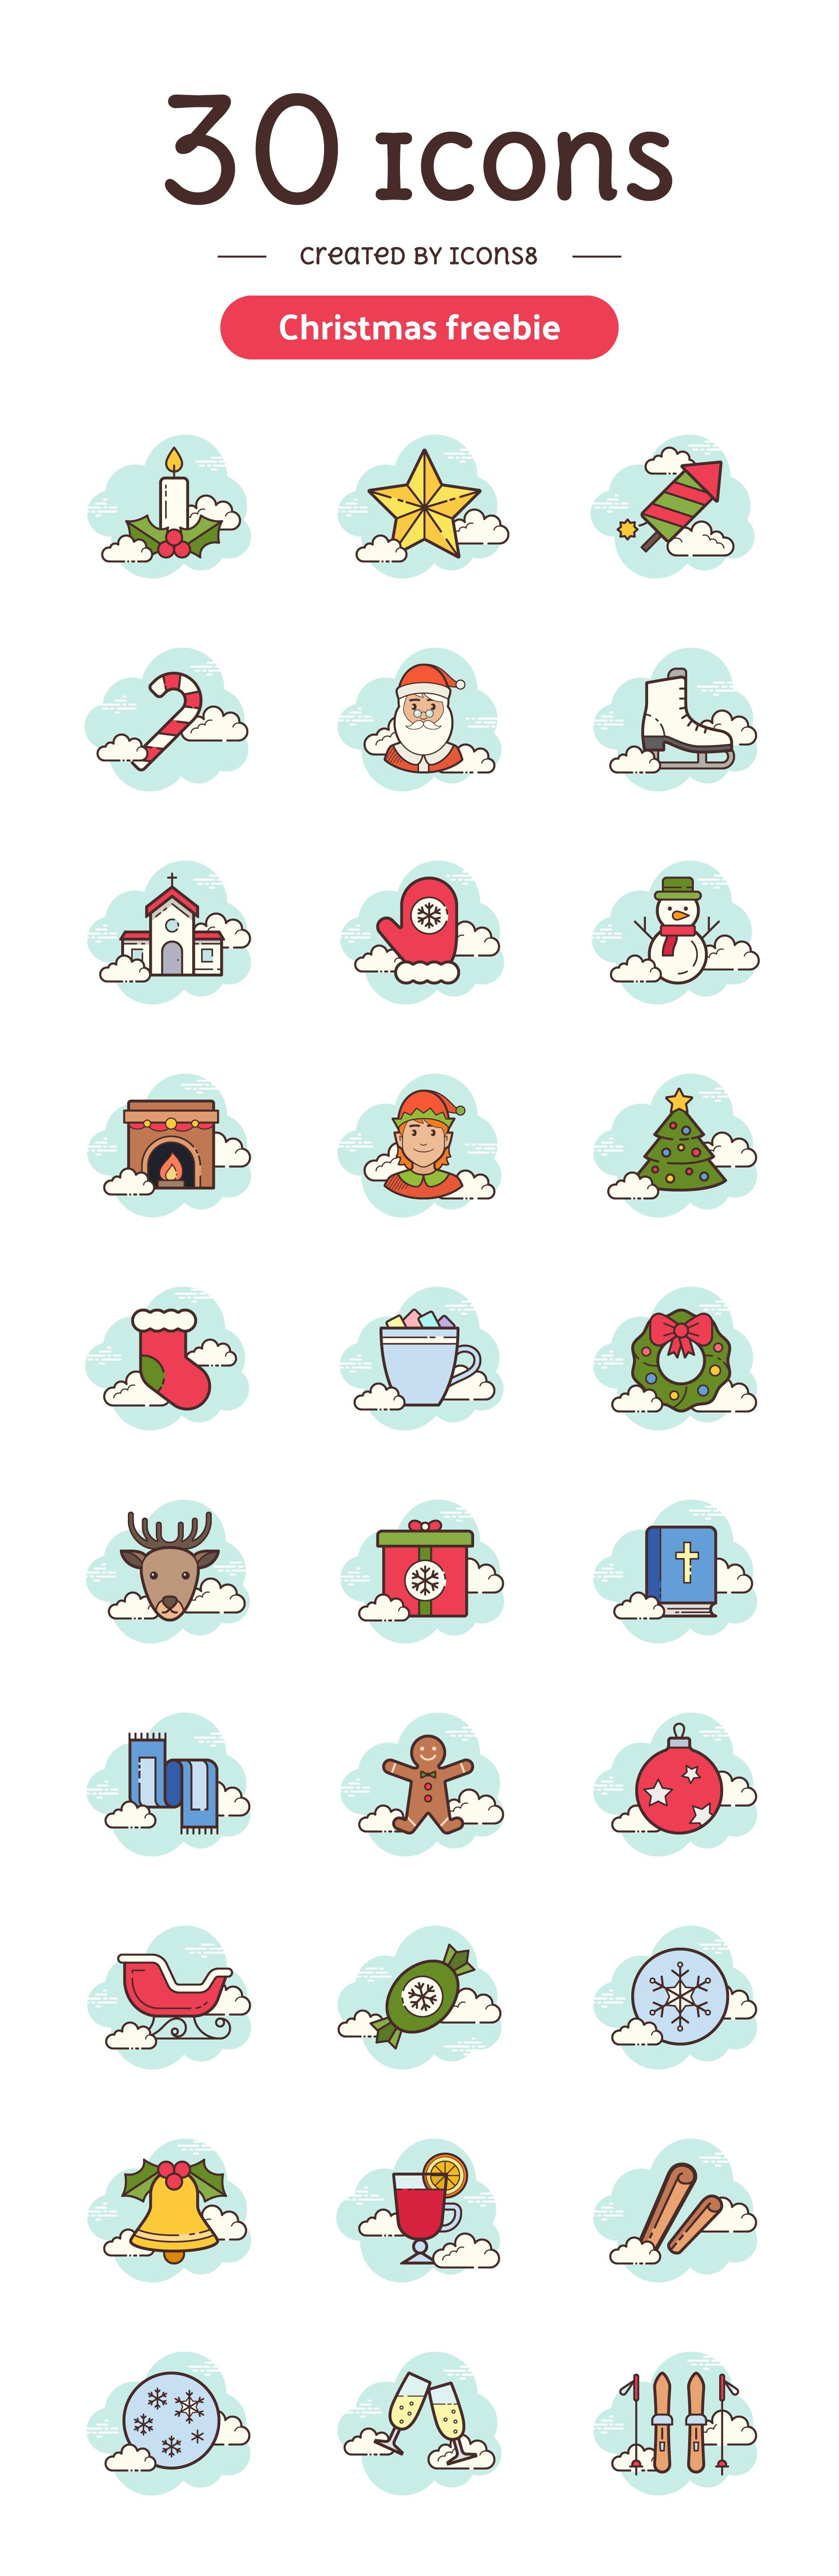 icons8_Christmas_1890x5805